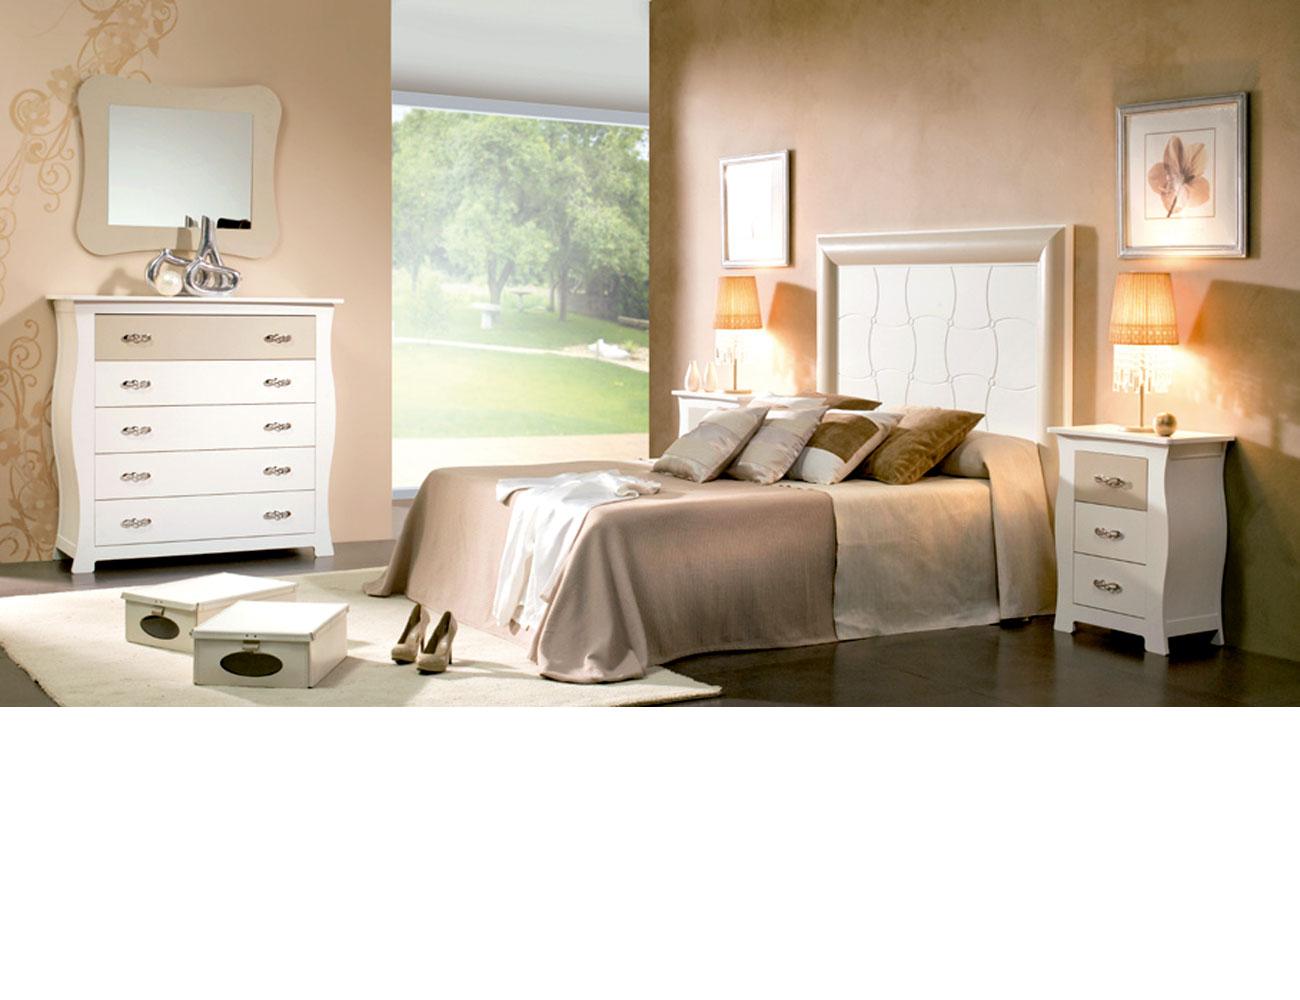 Dormitorio matrimonio cabecero grabado capitone comoda color 504 5062